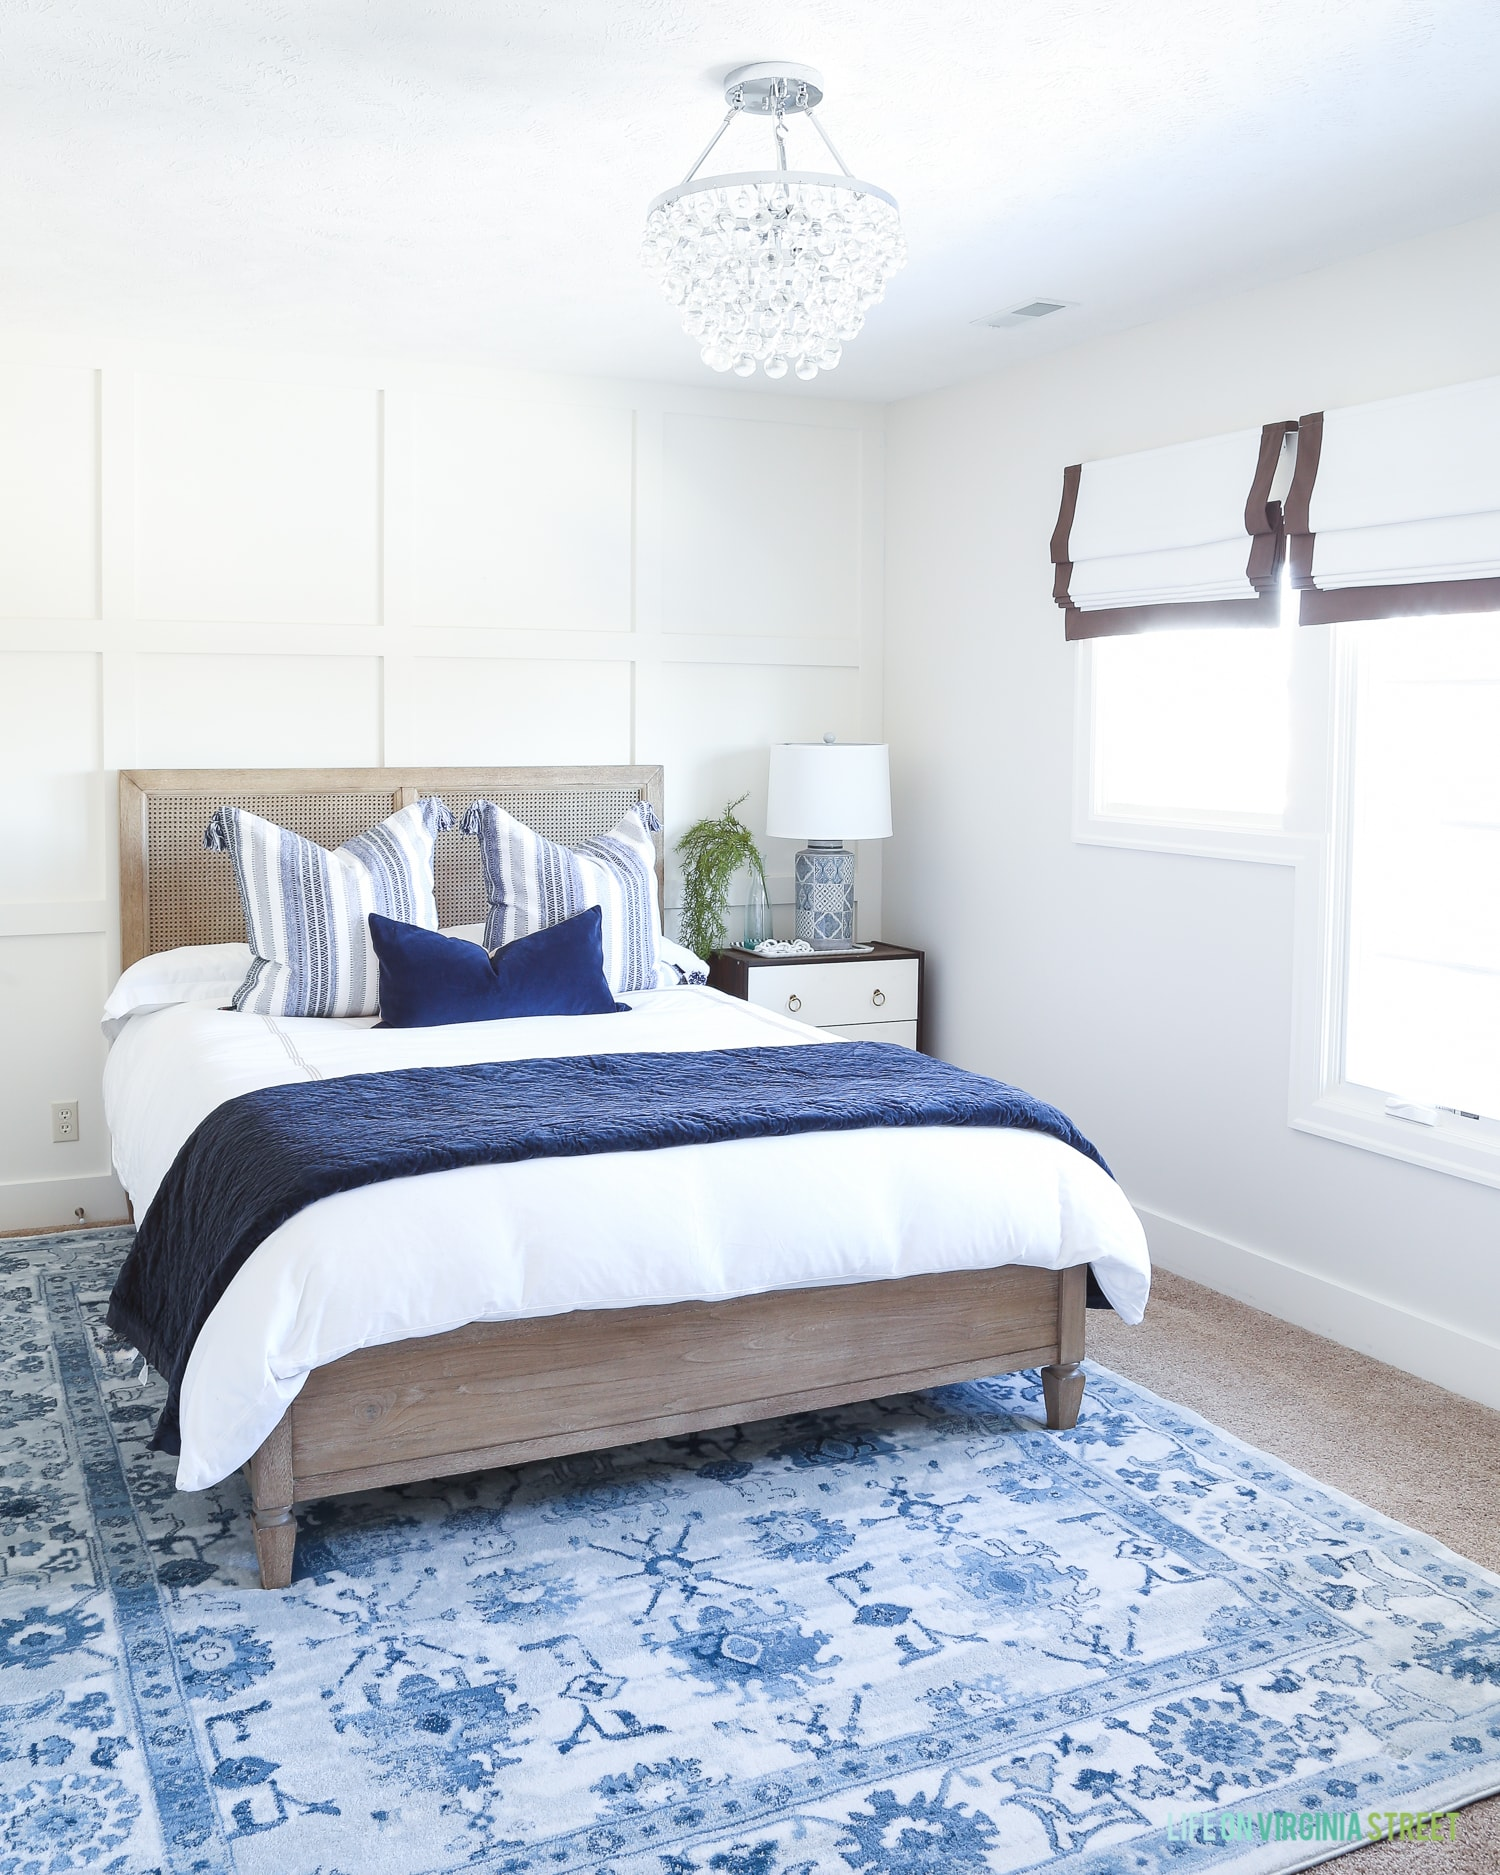 Classic Master Bedroom Paint Color Ideas For 2013: Coastal Guest Bedroom Progress